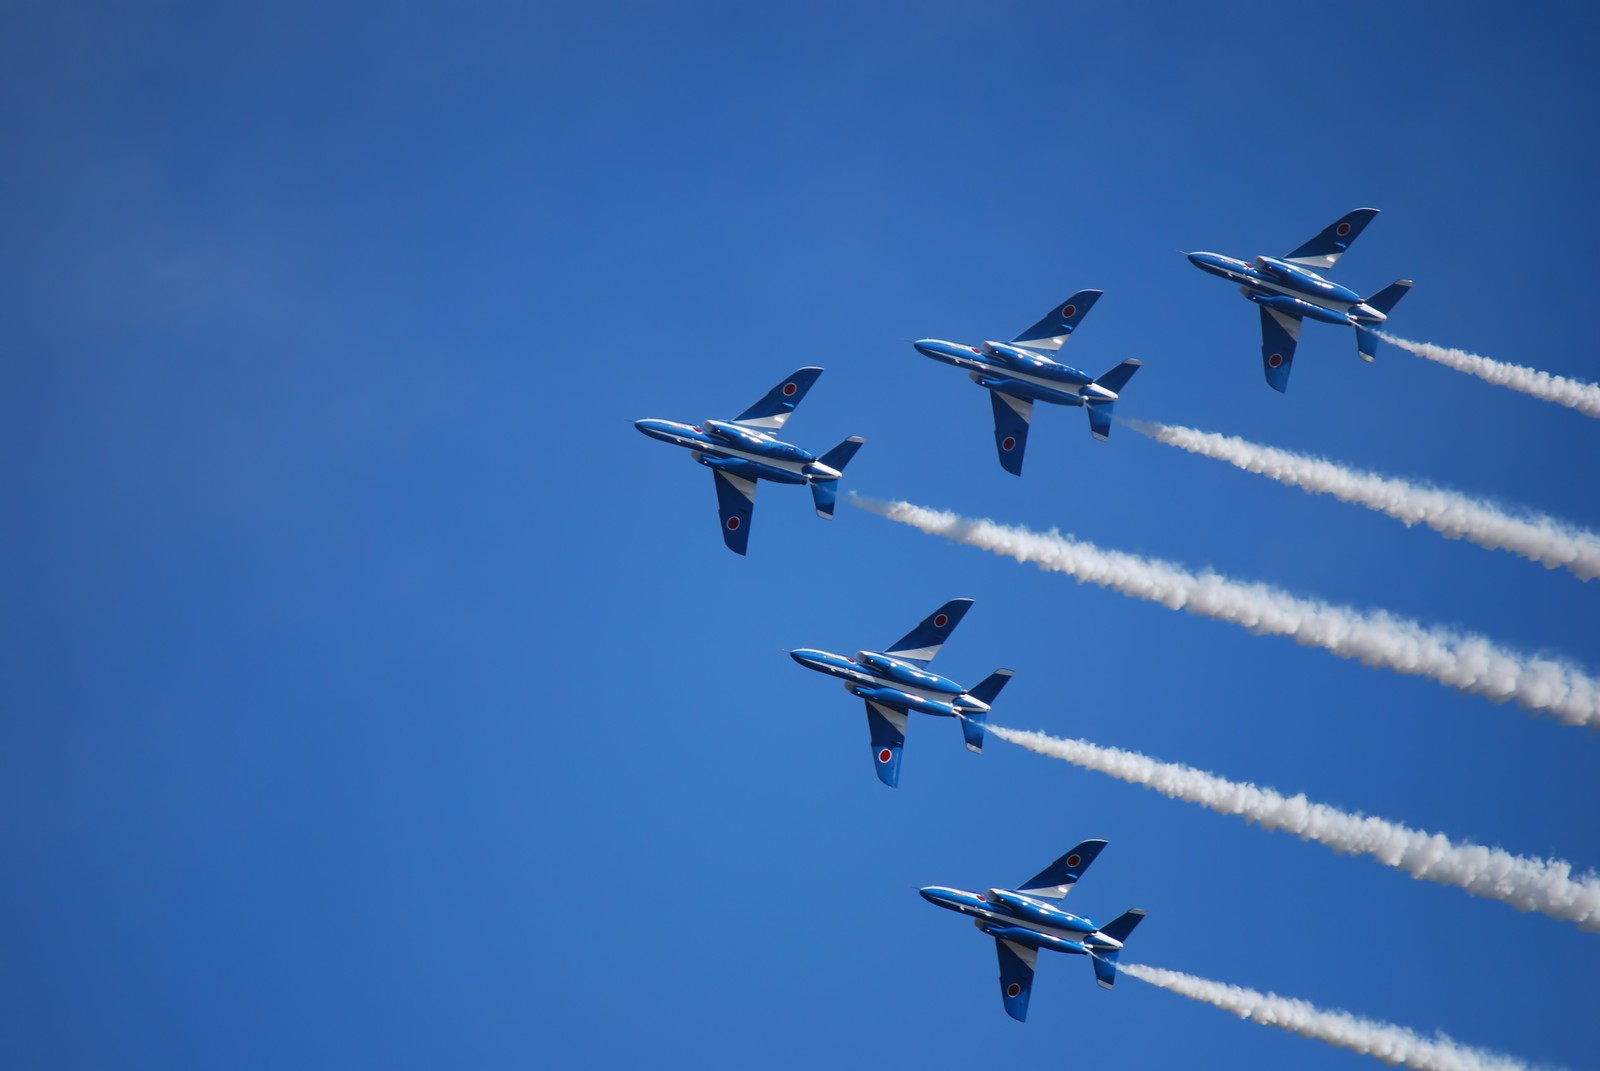 「入間航空際のブルーインパルス(T-4)入間航空際のブルーインパルス(T-4)」のフリー写真素材を拡大